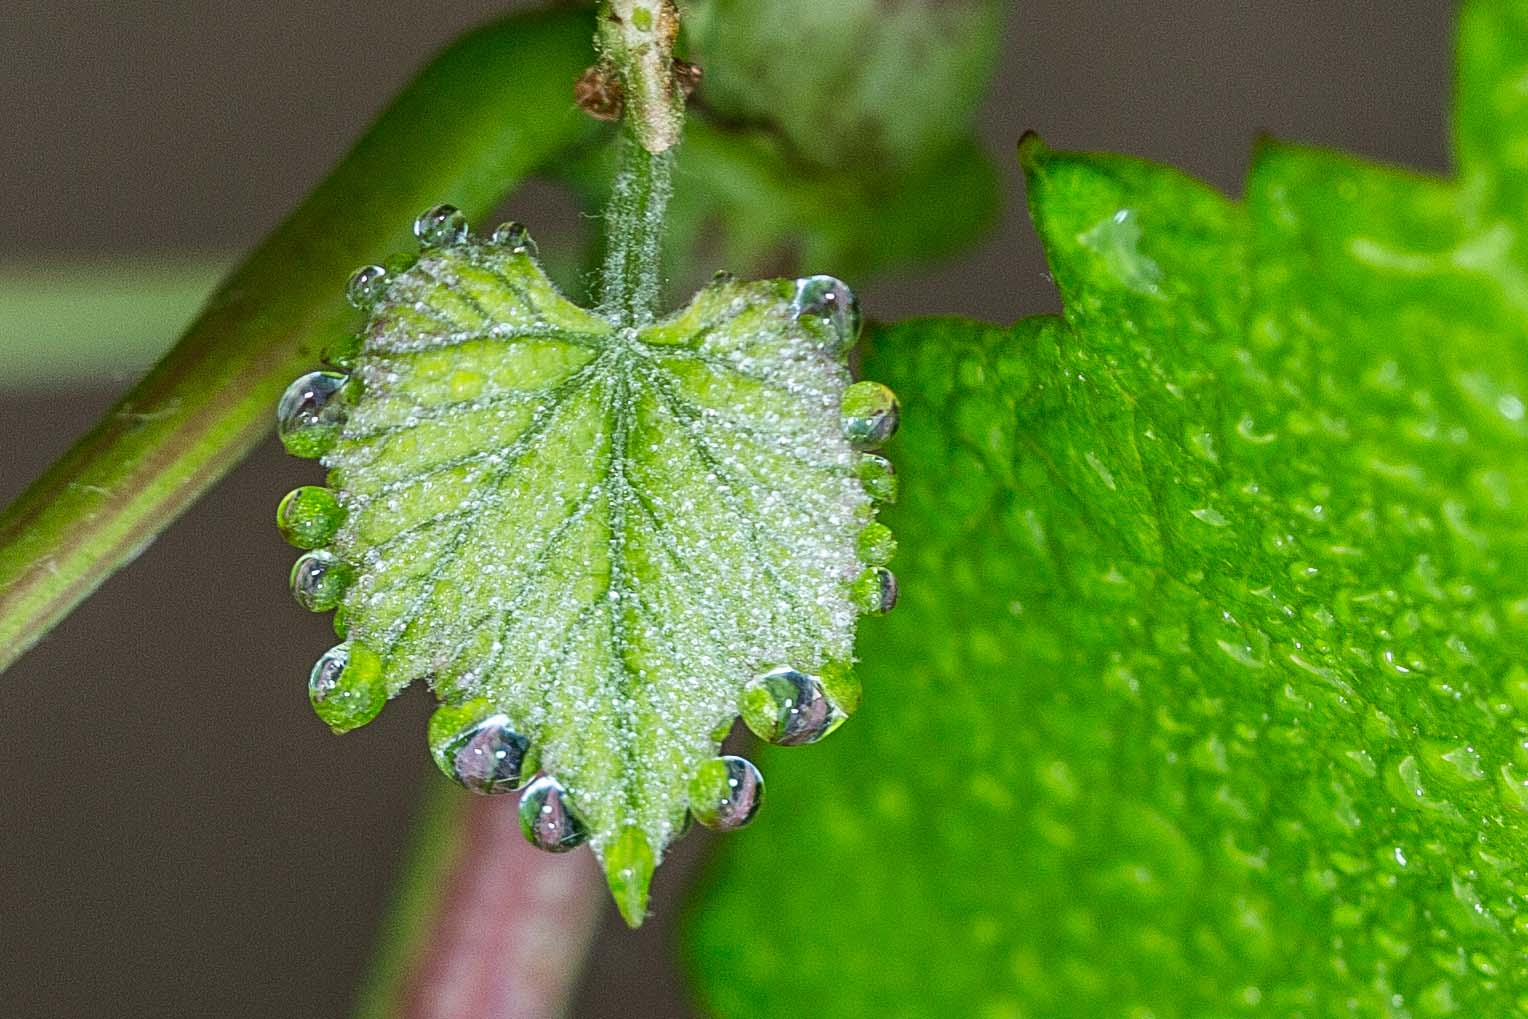 dew_on_new_leaf_kiepersol.jpg